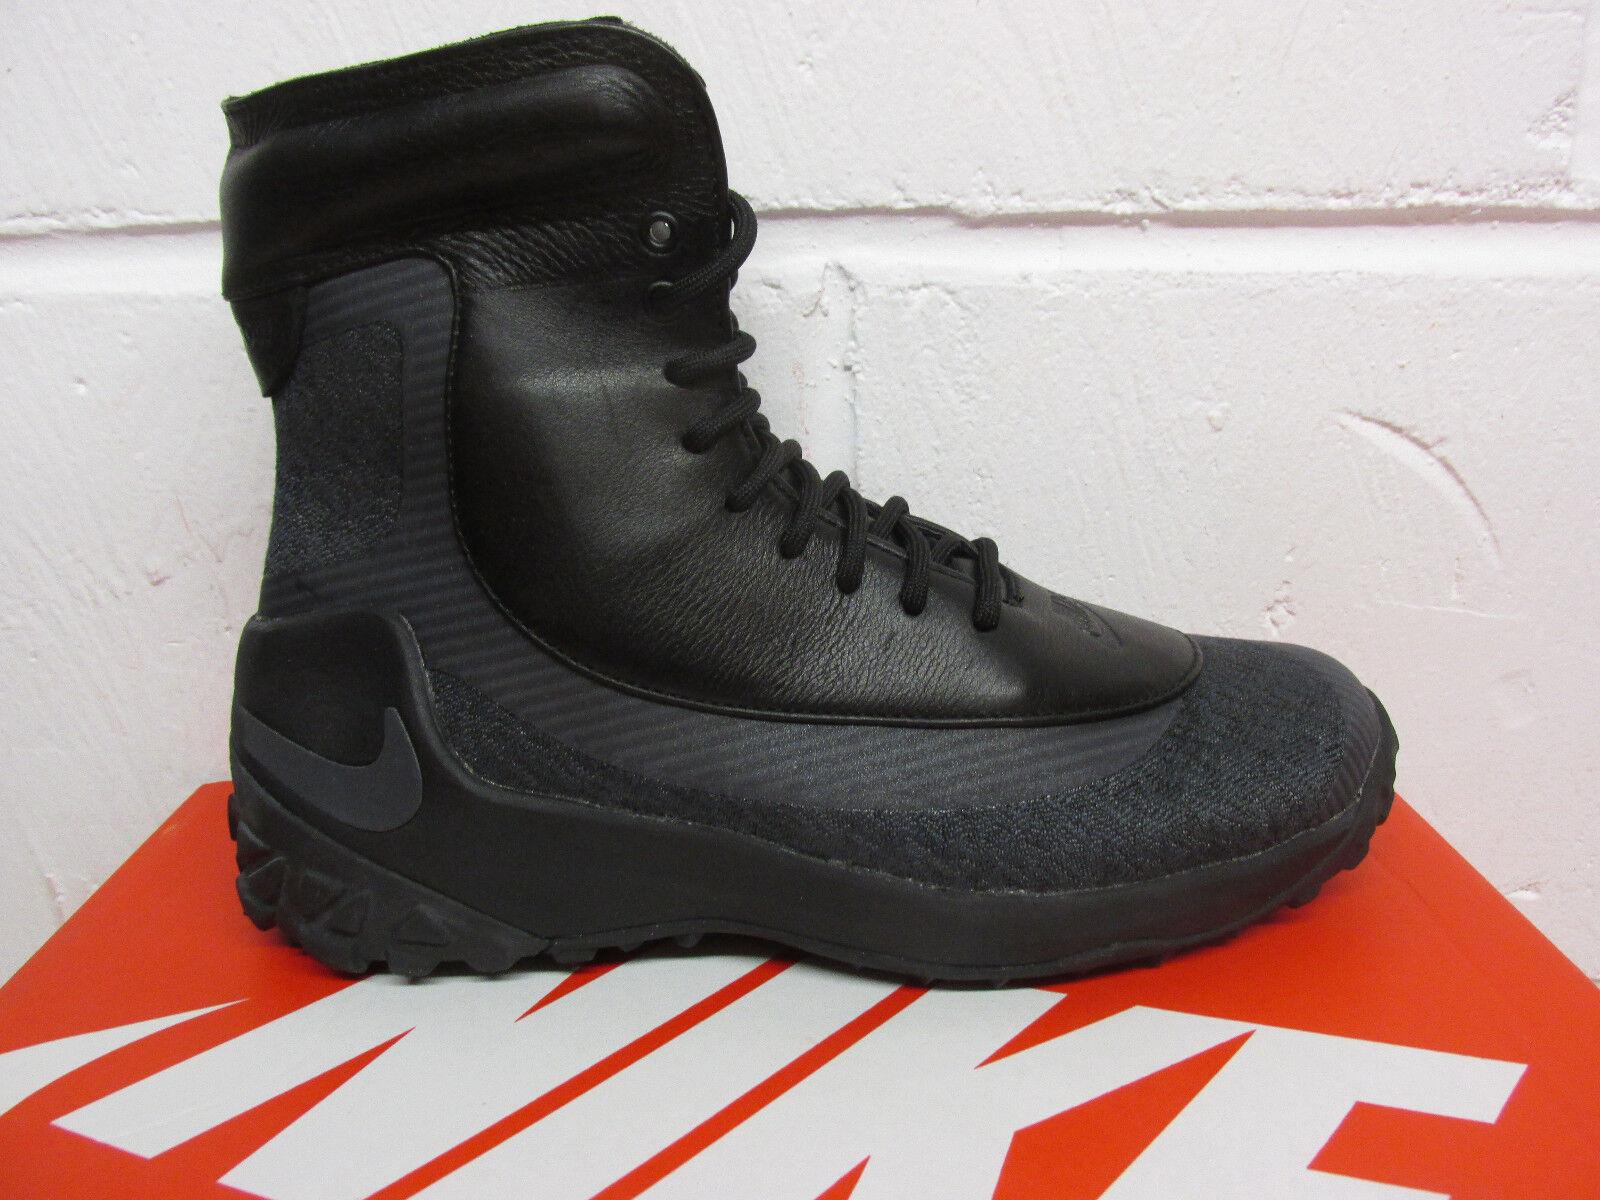 Nike de mujer Zoom kynsi JCRD WP Hi Top Botas Zapatos Zapatillas 806978 001